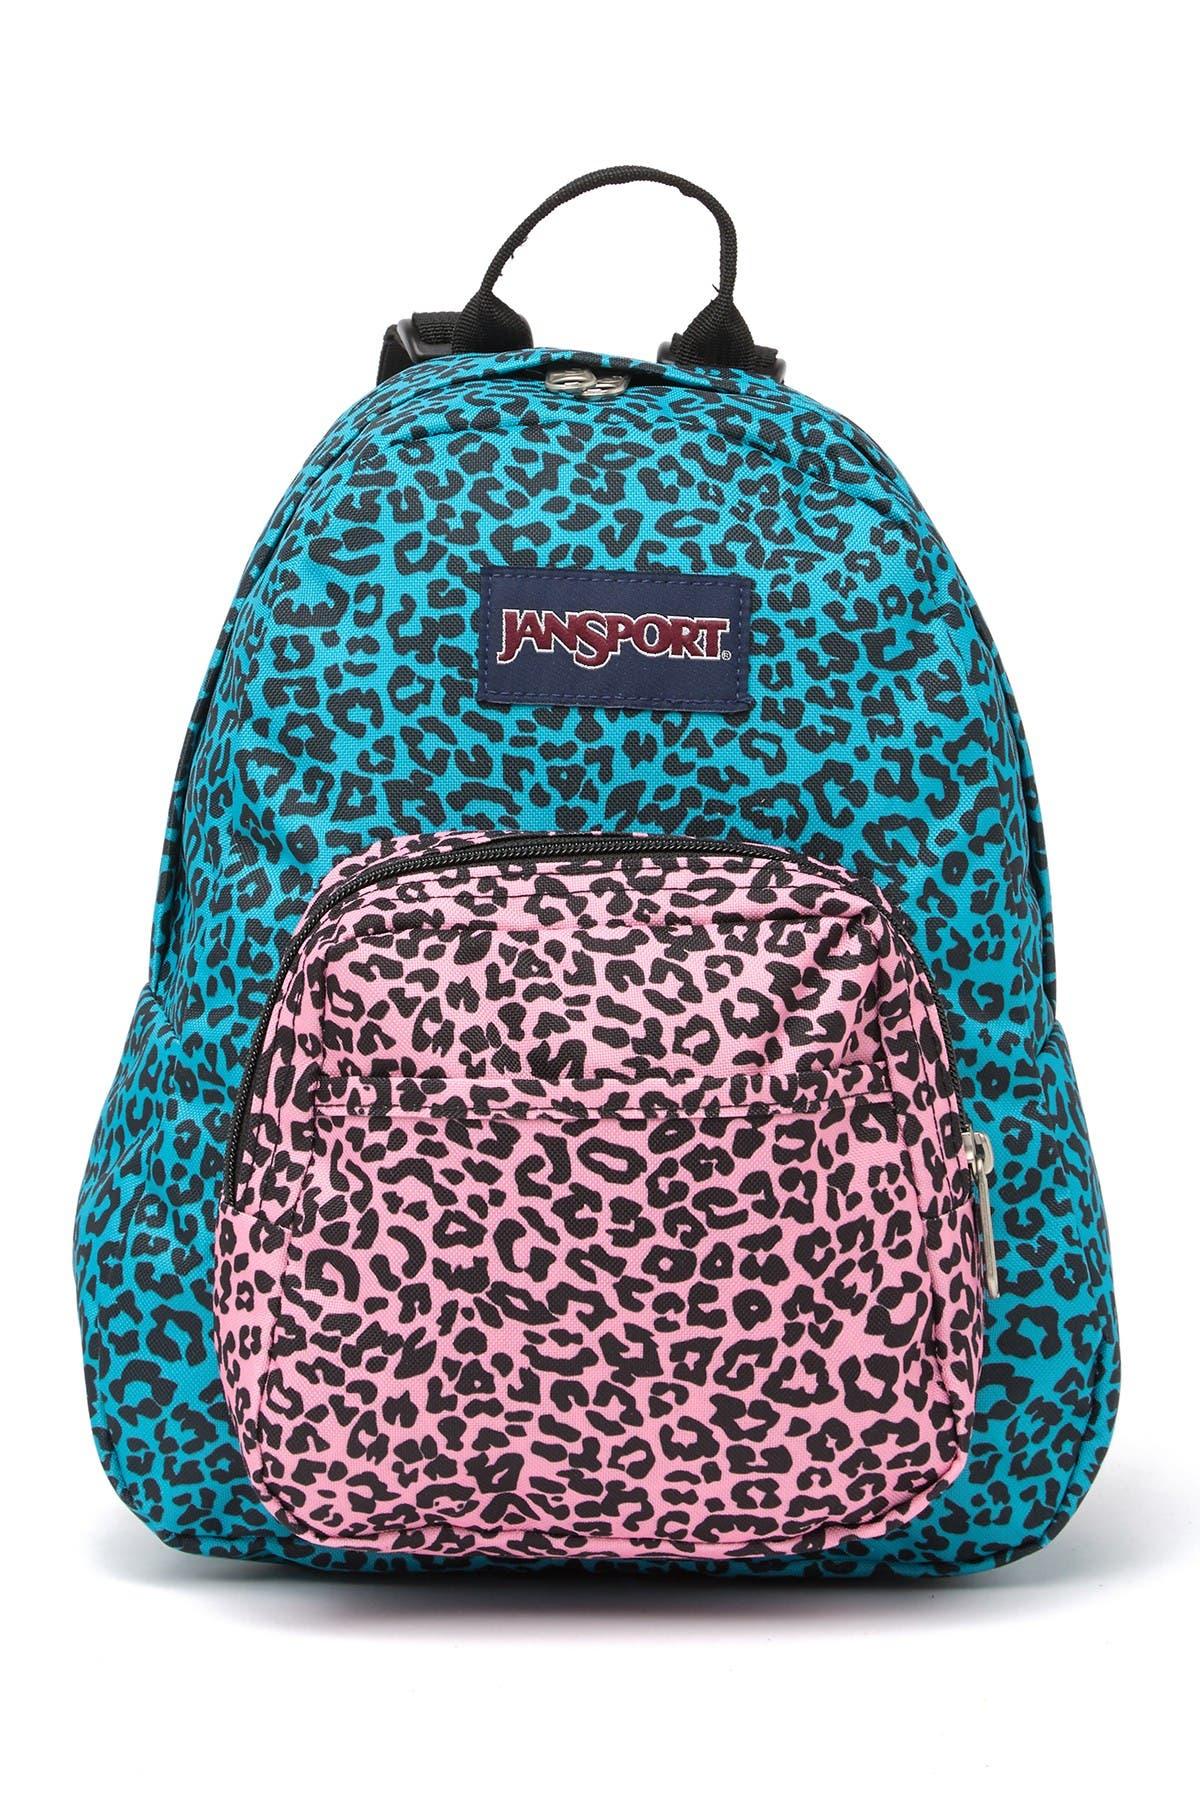 Image of JANSPORT Half Pint Backpack